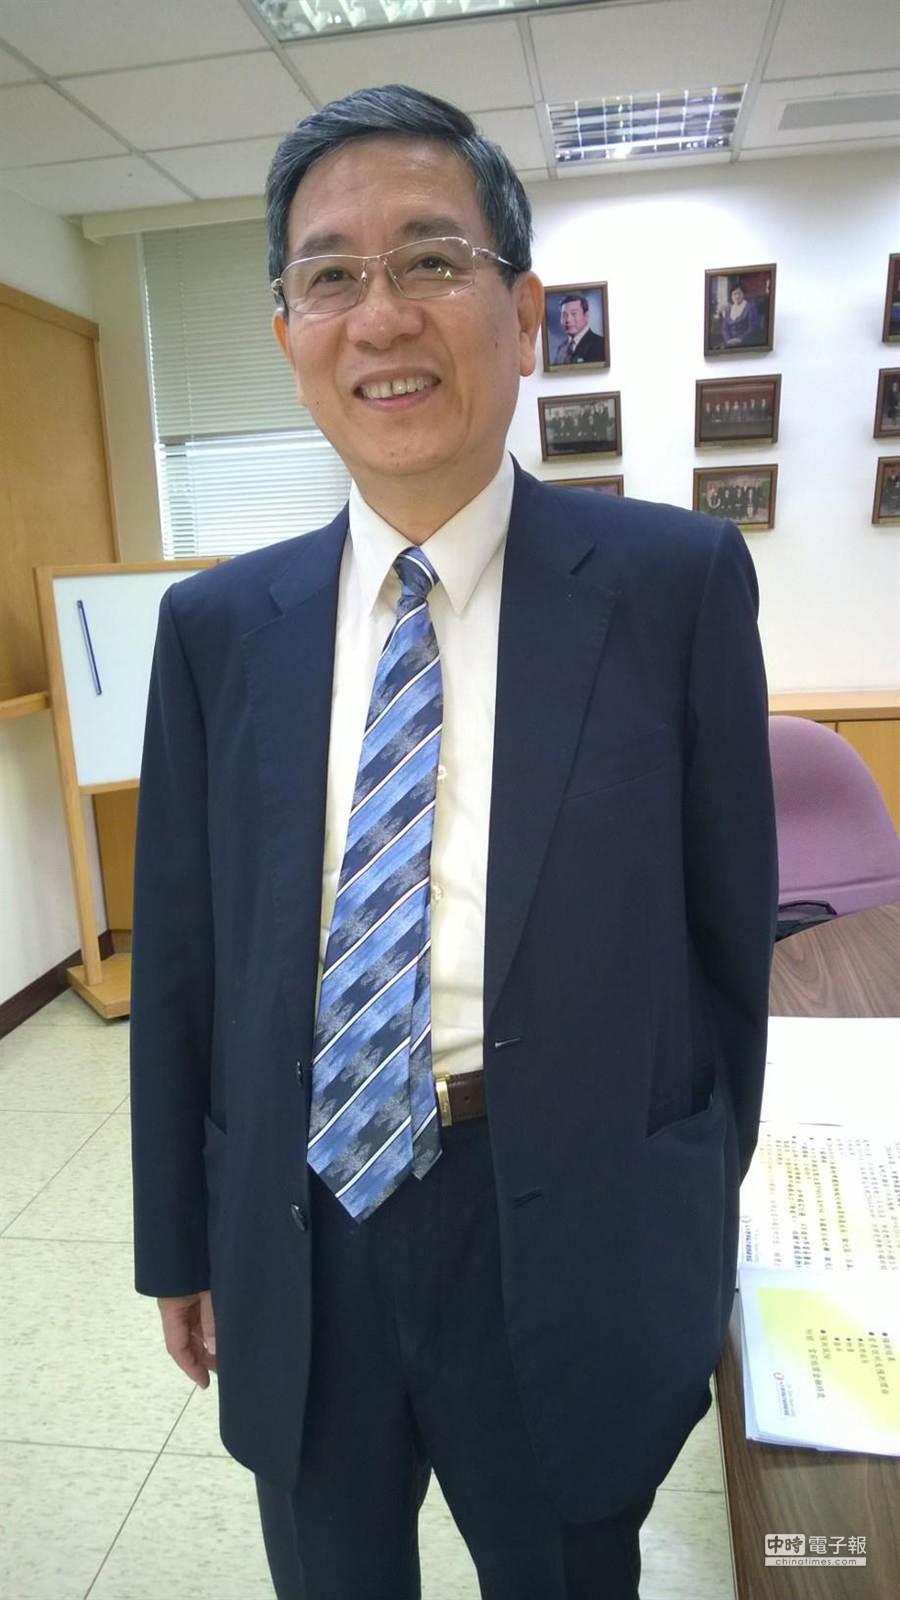 元大寶華綜合經濟研究院董事長梁國源今天宣布,上修台灣今年經濟成長率至3.57%,為各機構預測的最高值。(圖/陳碧芬攝)